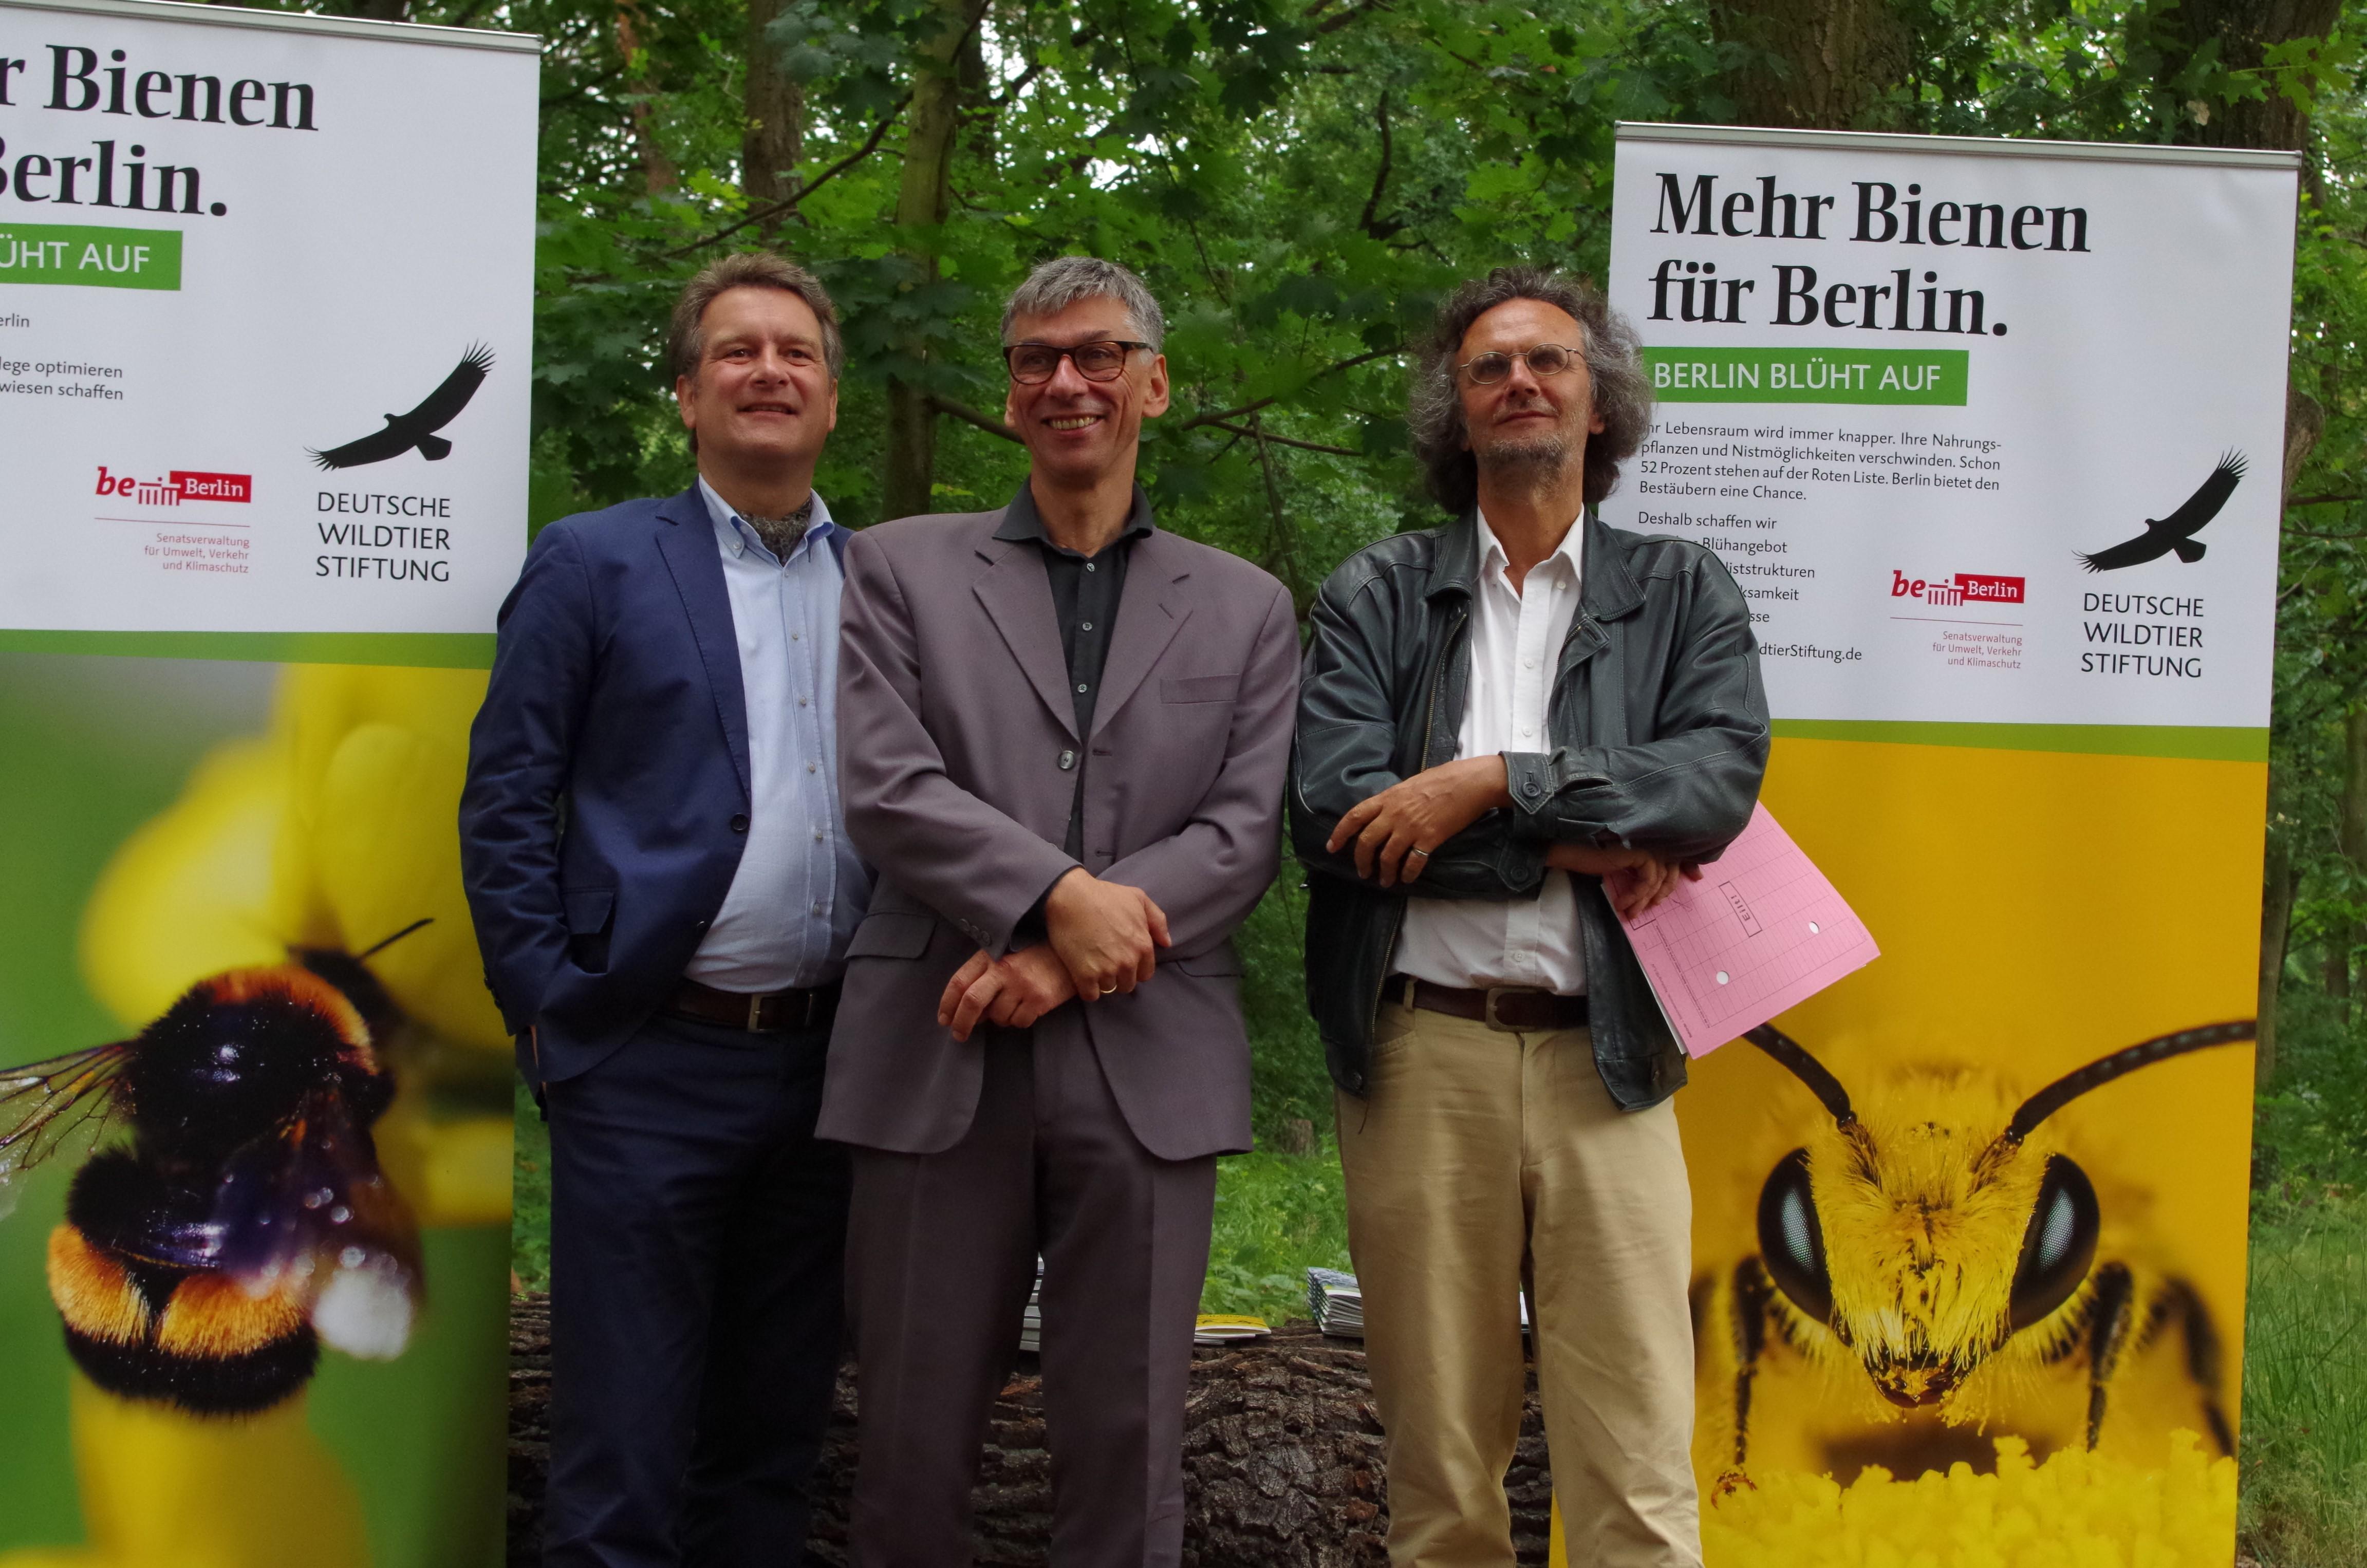 Hilmar Freiherr von Münchhausen, Staatssekretär Stefan Tidow und der Charlottenburger Baustadtrat Oliver Schruoffenegger